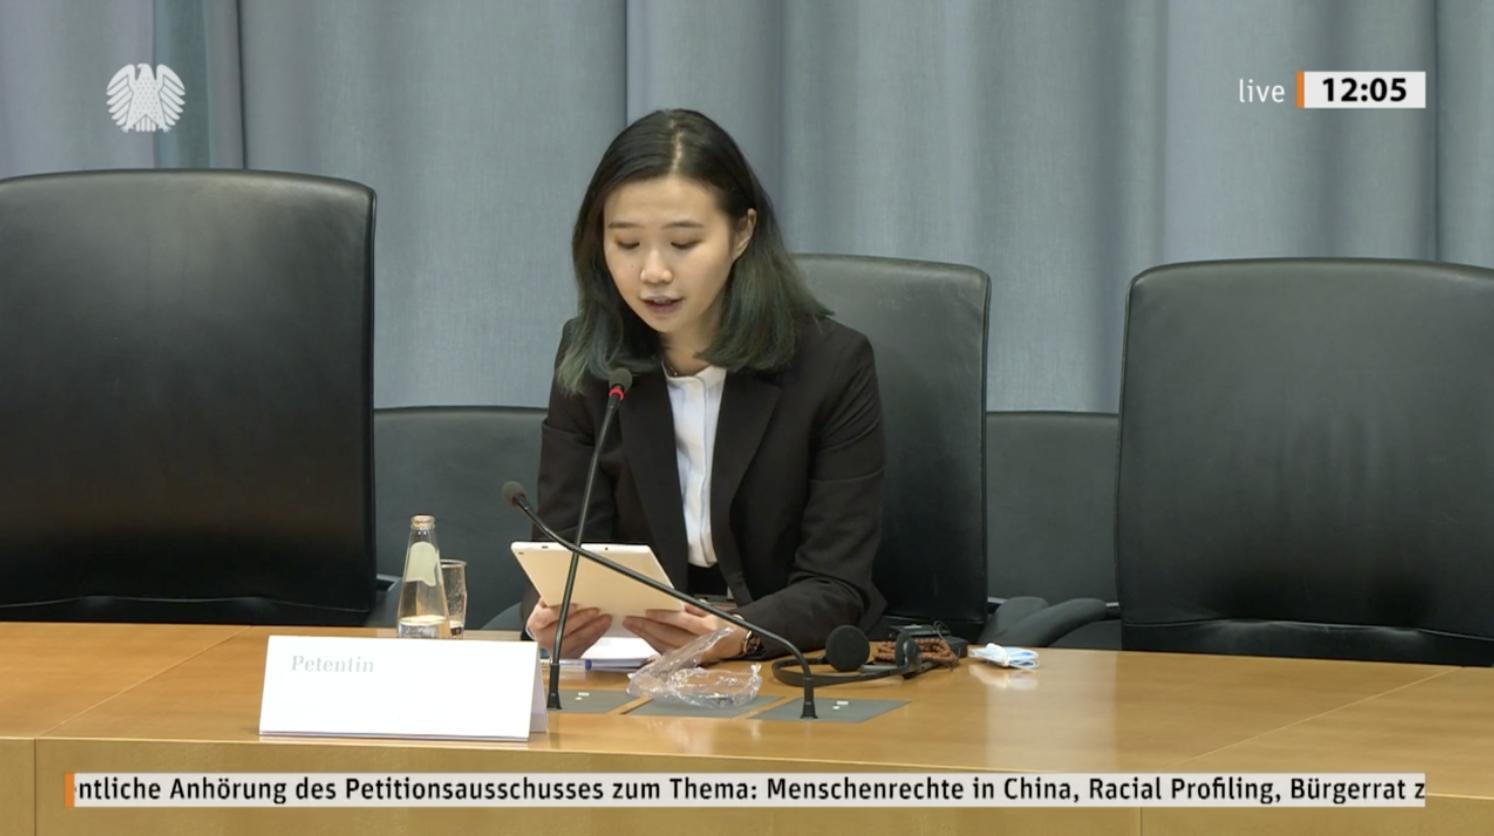 鄺頌晴出席德國聯邦議會聽證會。(受訪者提供)